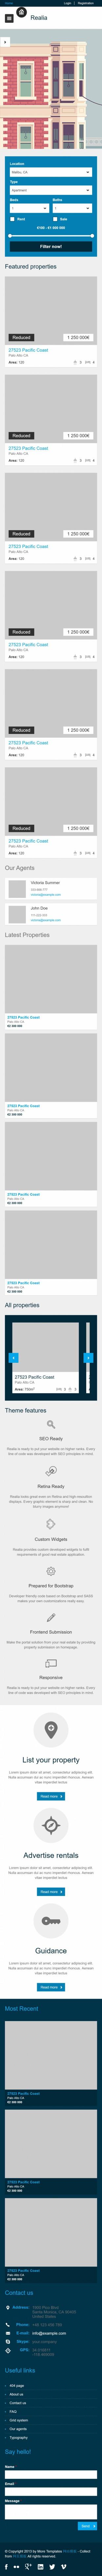 英文网站商城首页网站模板制作手机图片